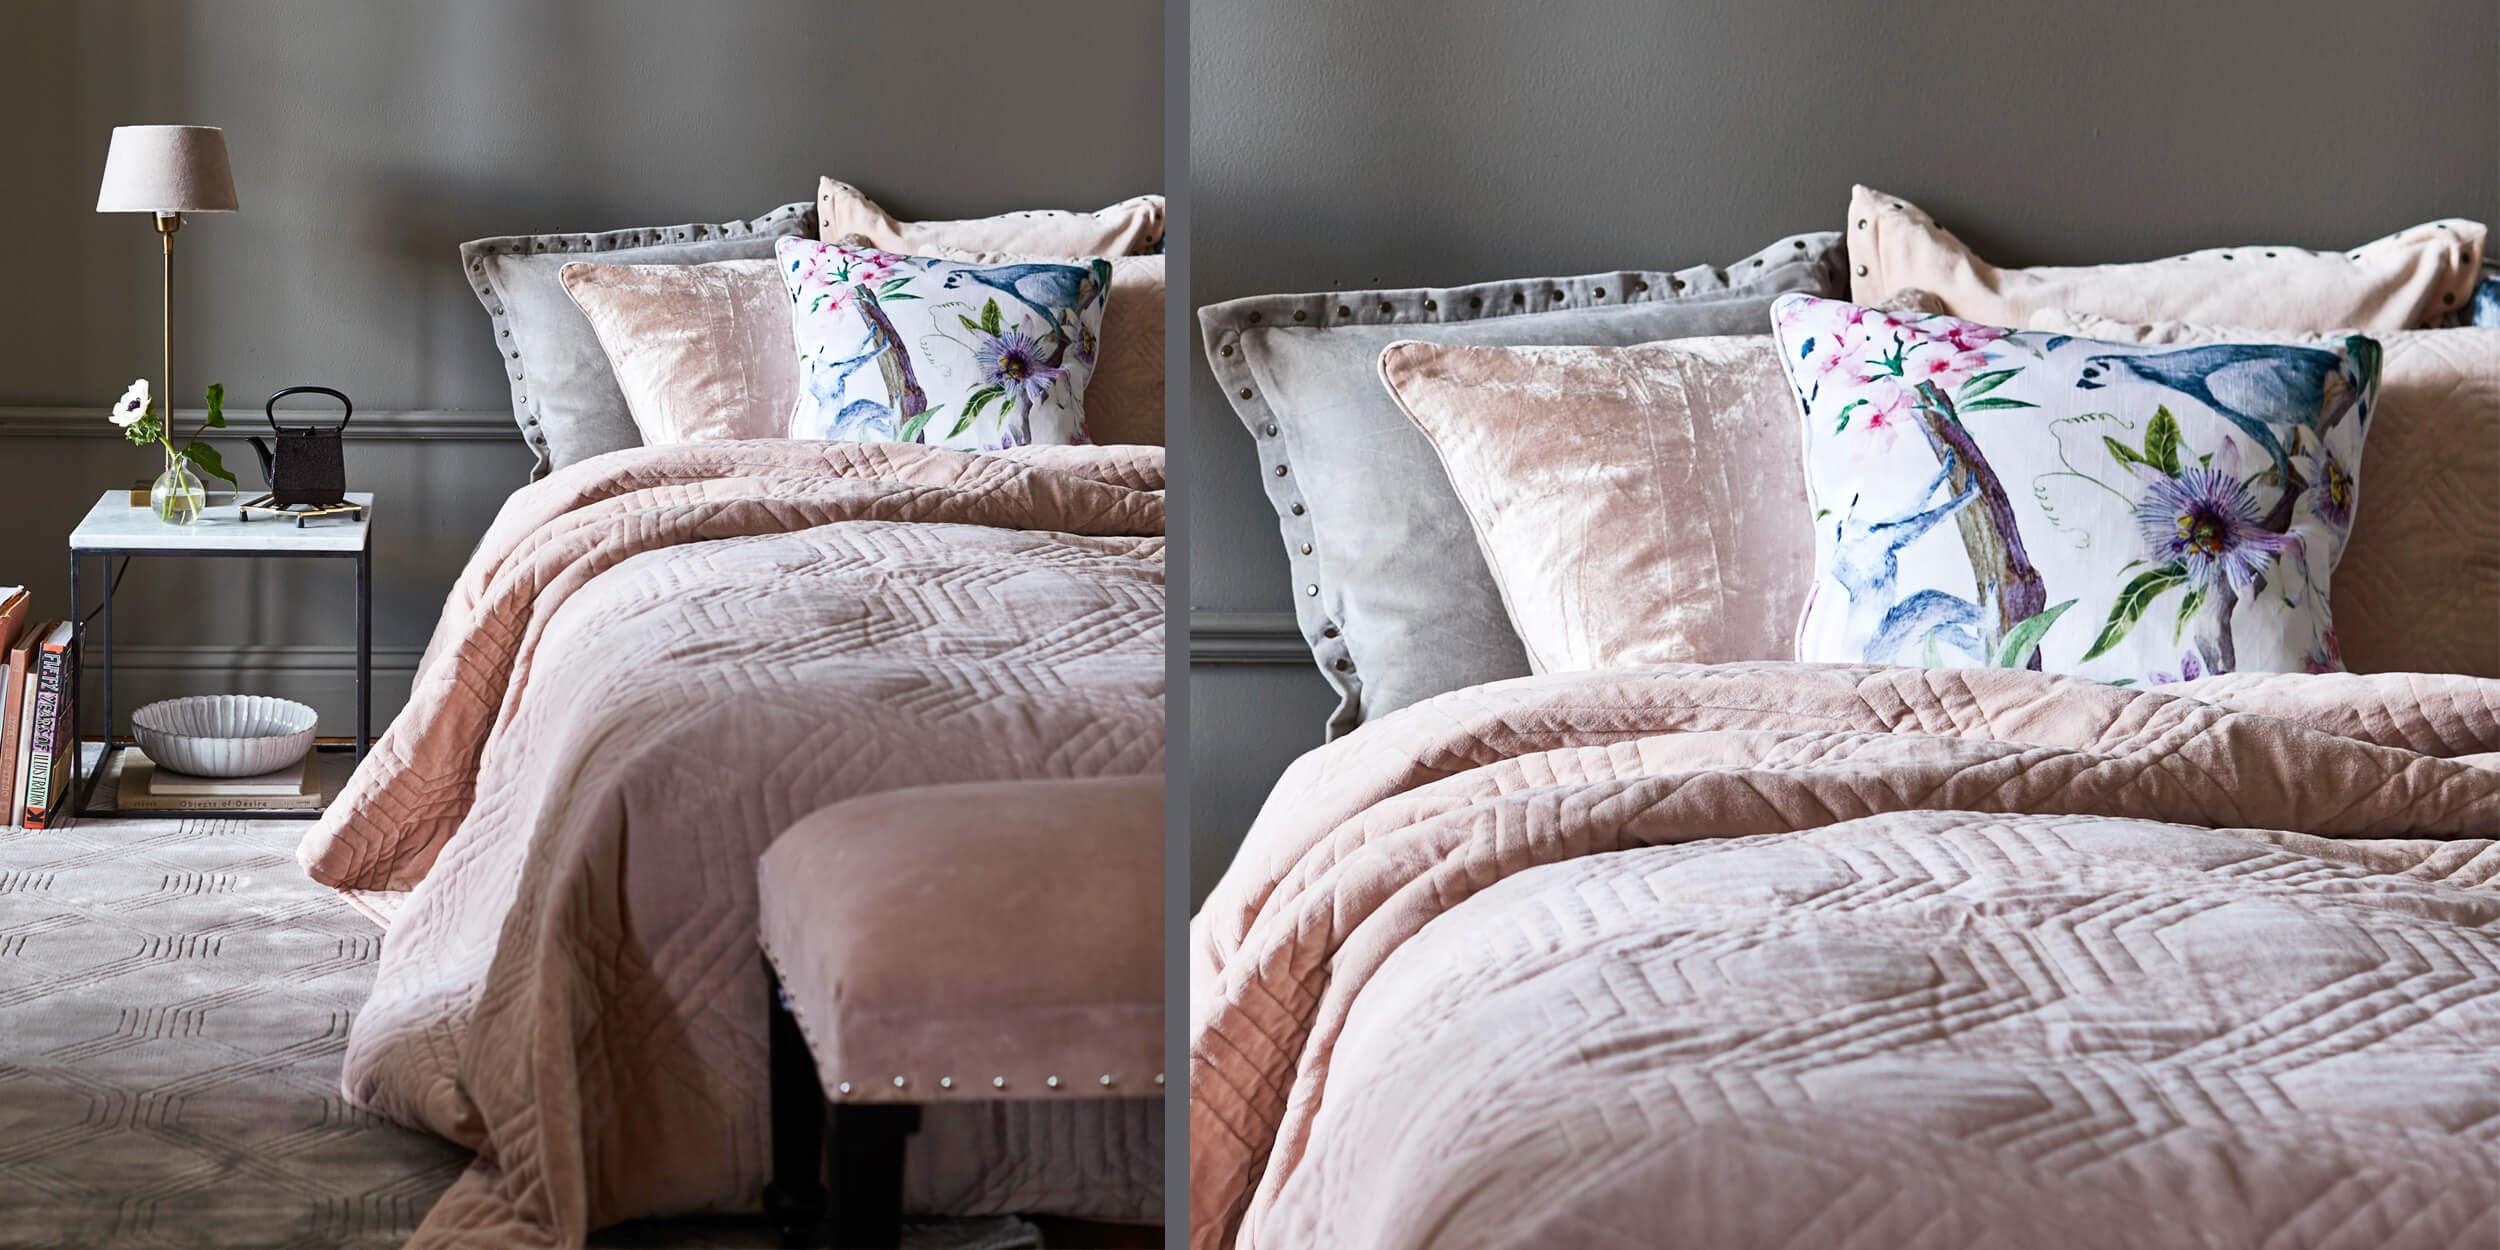 Full Size of Altrosa Schlafzimmer Blush Pink Velvet Instashop Wandleuchte Gardinen Sessel Schranksysteme Landhaus Deckenlampe Lampe Mit überbau Stehlampe Komplettangebote Wohnzimmer Altrosa Schlafzimmer